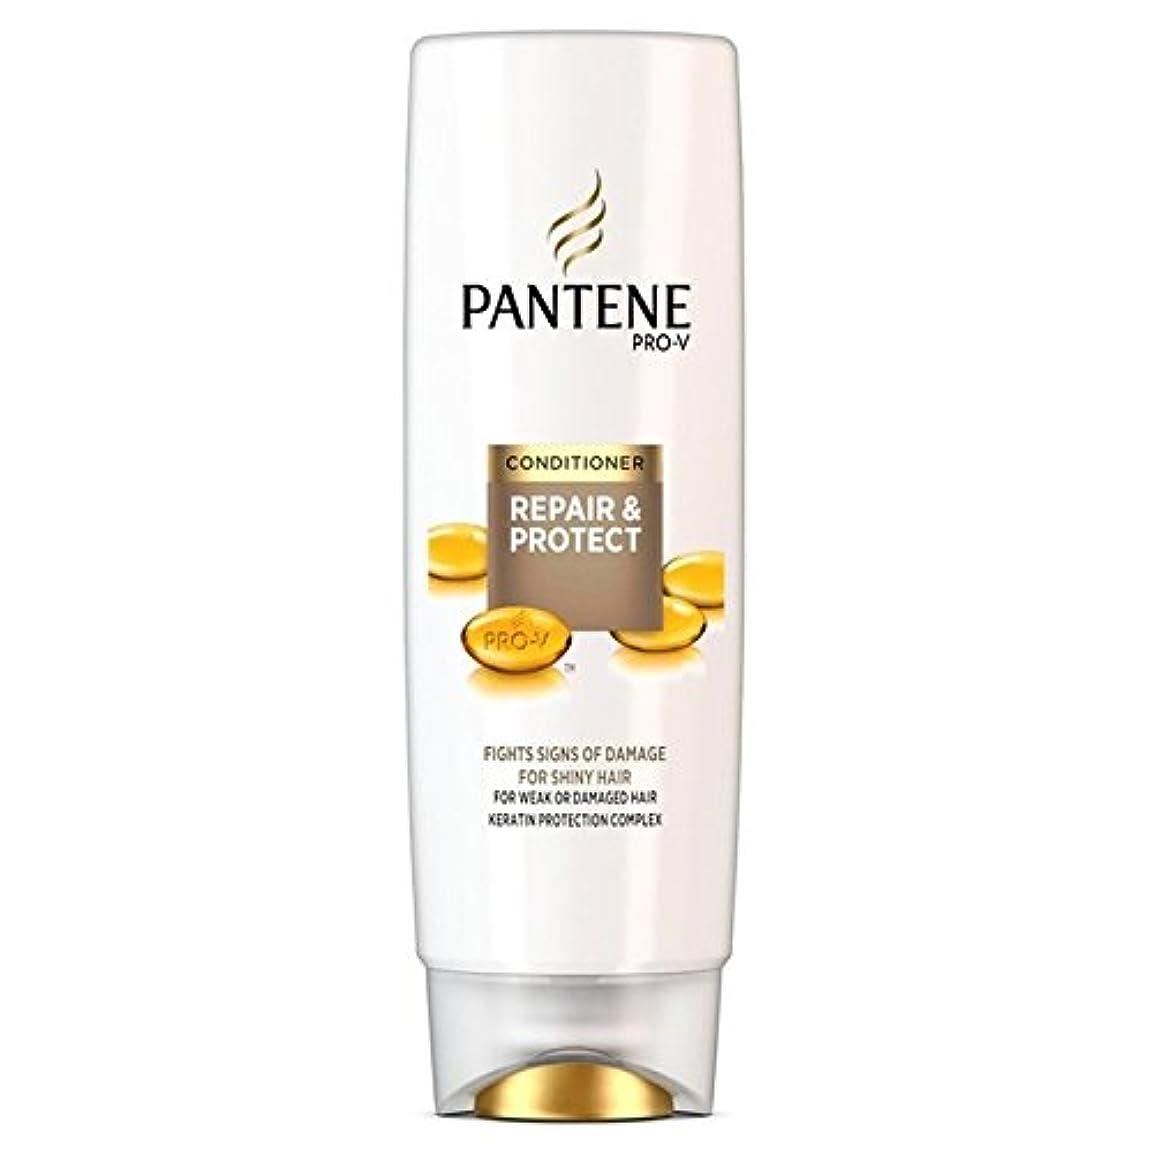 遷移許す未知のパンテーンコンディショナーの修理&弱いか、傷んだ髪の250ミリリットルのための保護 x4 - Pantene Conditioner Repair & Protect For Weak Or Damaged Hair 250ml (Pack of 4) [並行輸入品]